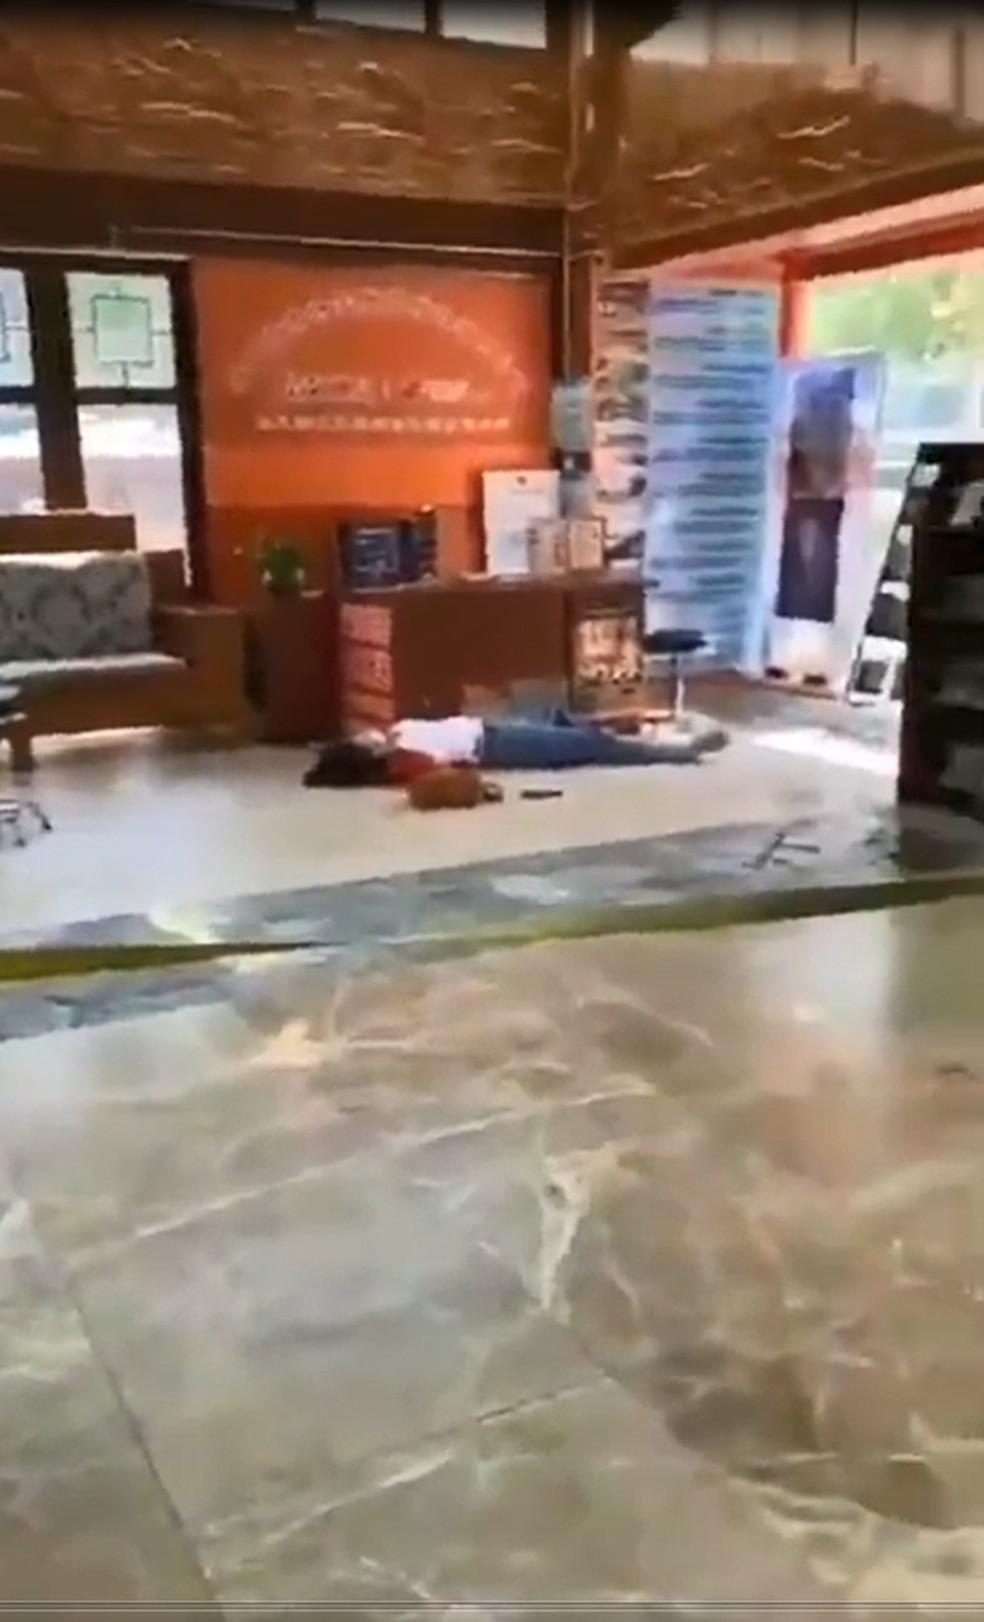 Pessoa caída em hall de prédio  — Foto:  Reprodução